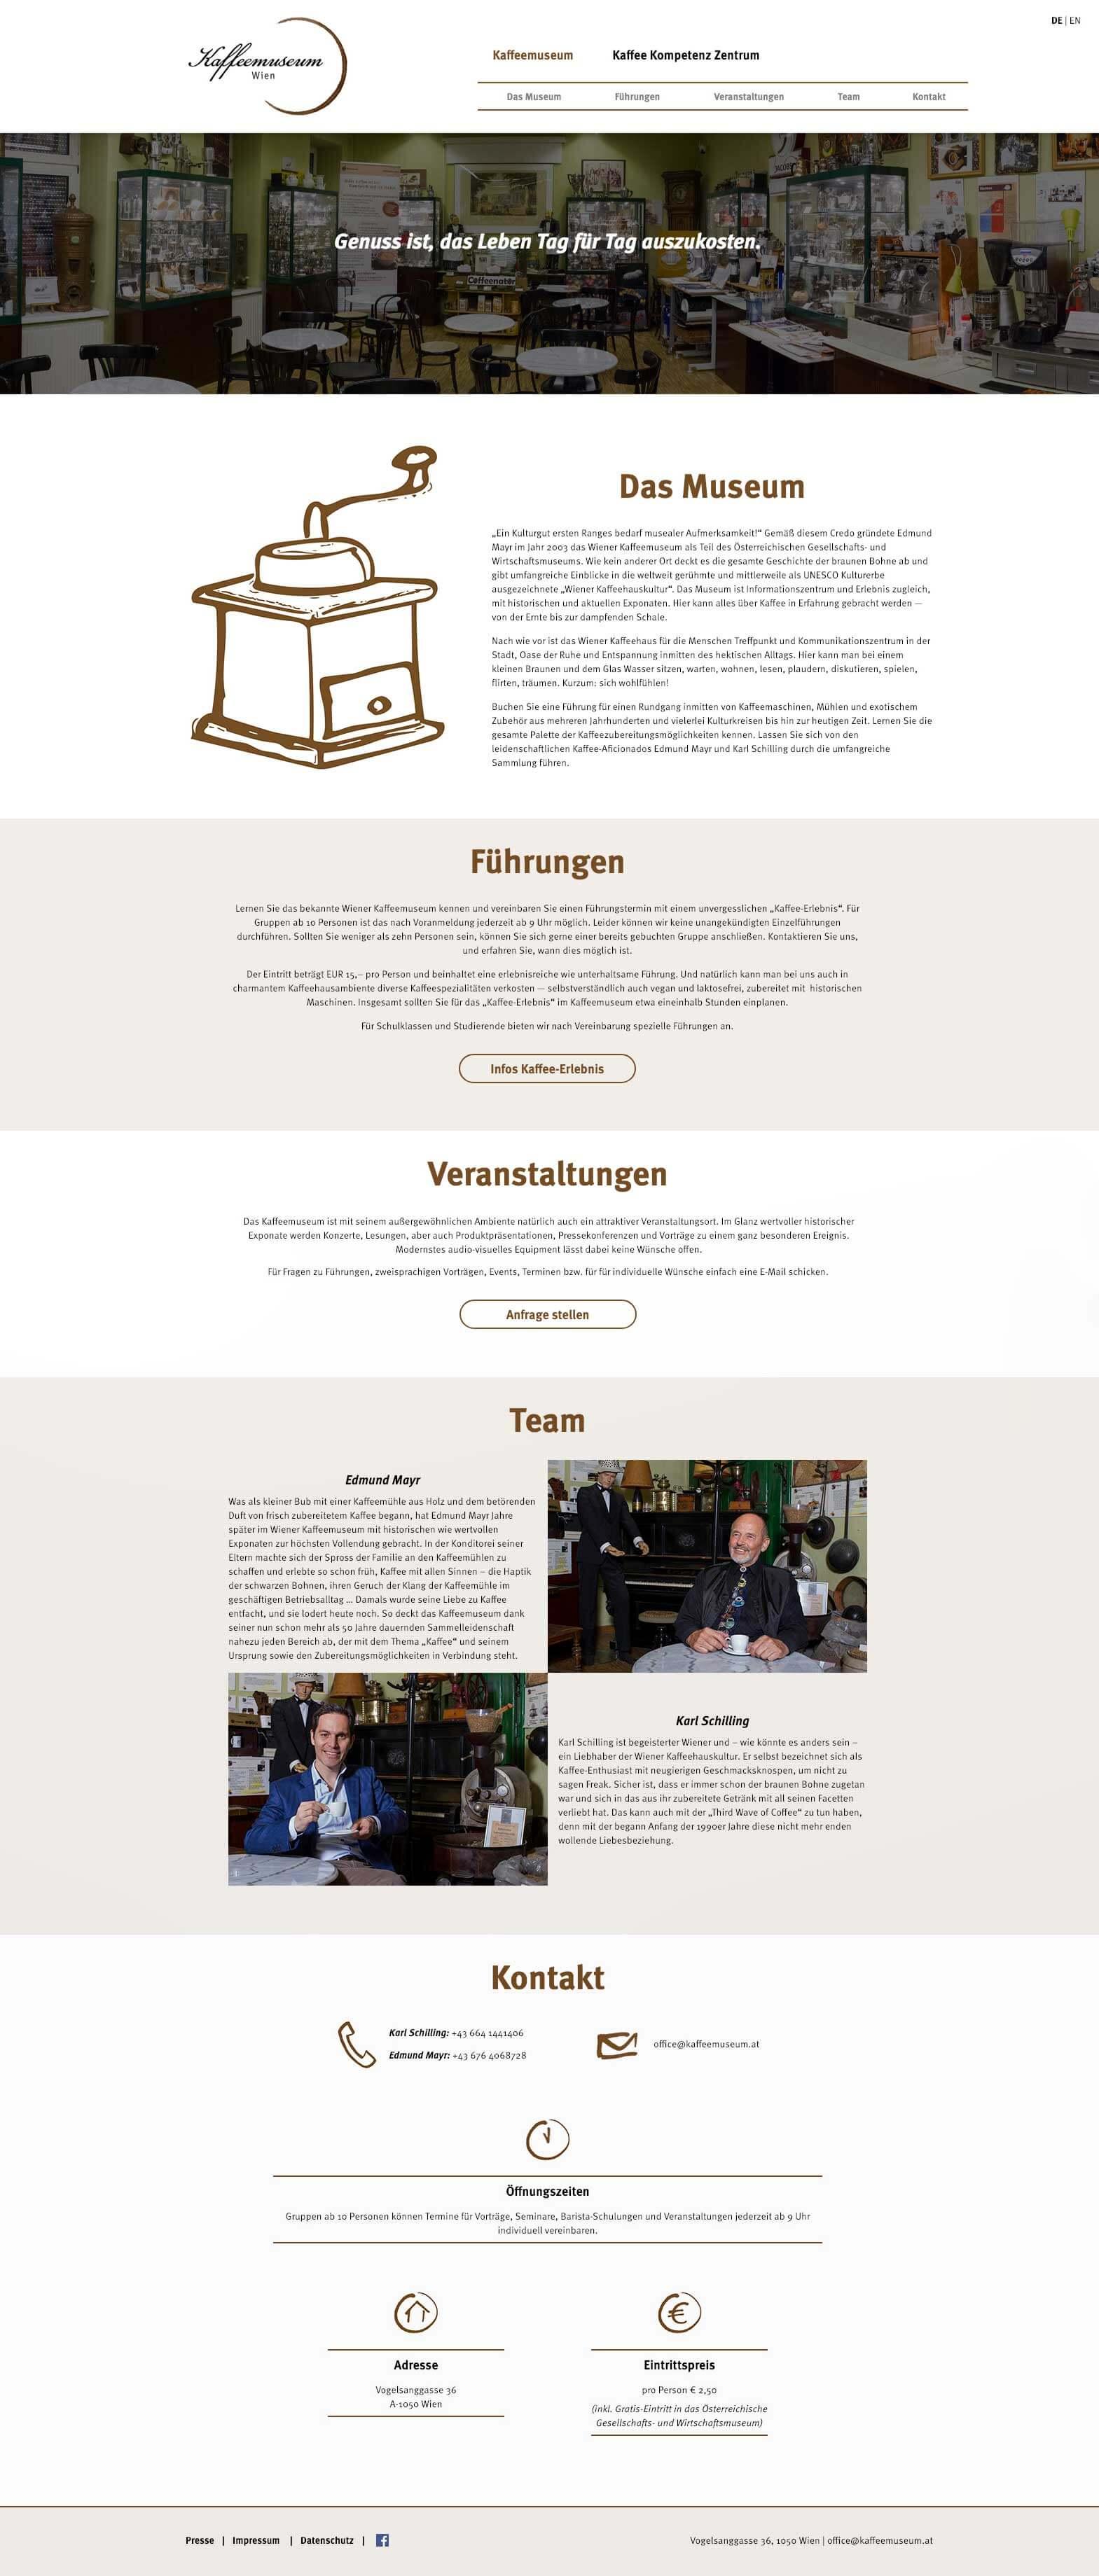 Website Kaffeemsueum Wien